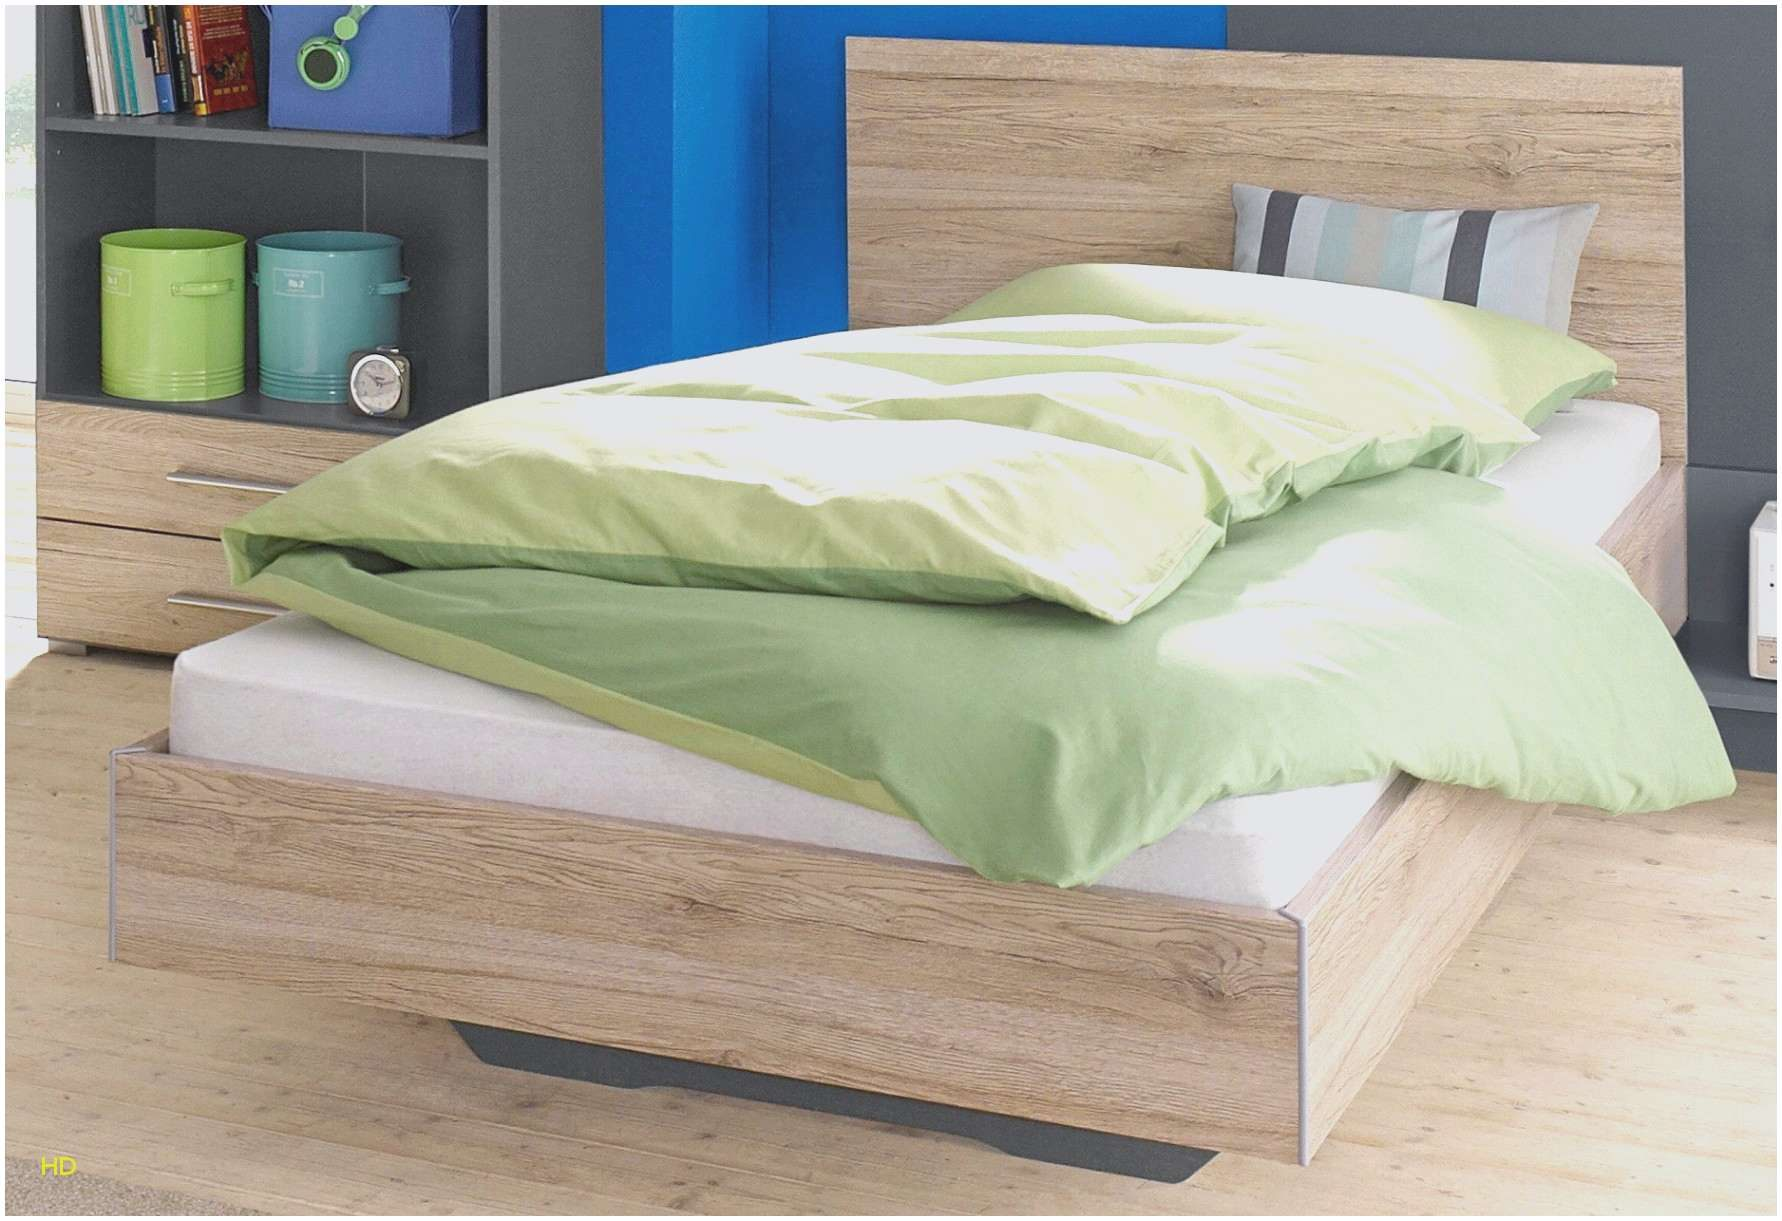 Lit 140×190 Ikea Inspirant Frais Schreibtisch Klappbar Wand Schreibtisch Ergonomie Stichworte